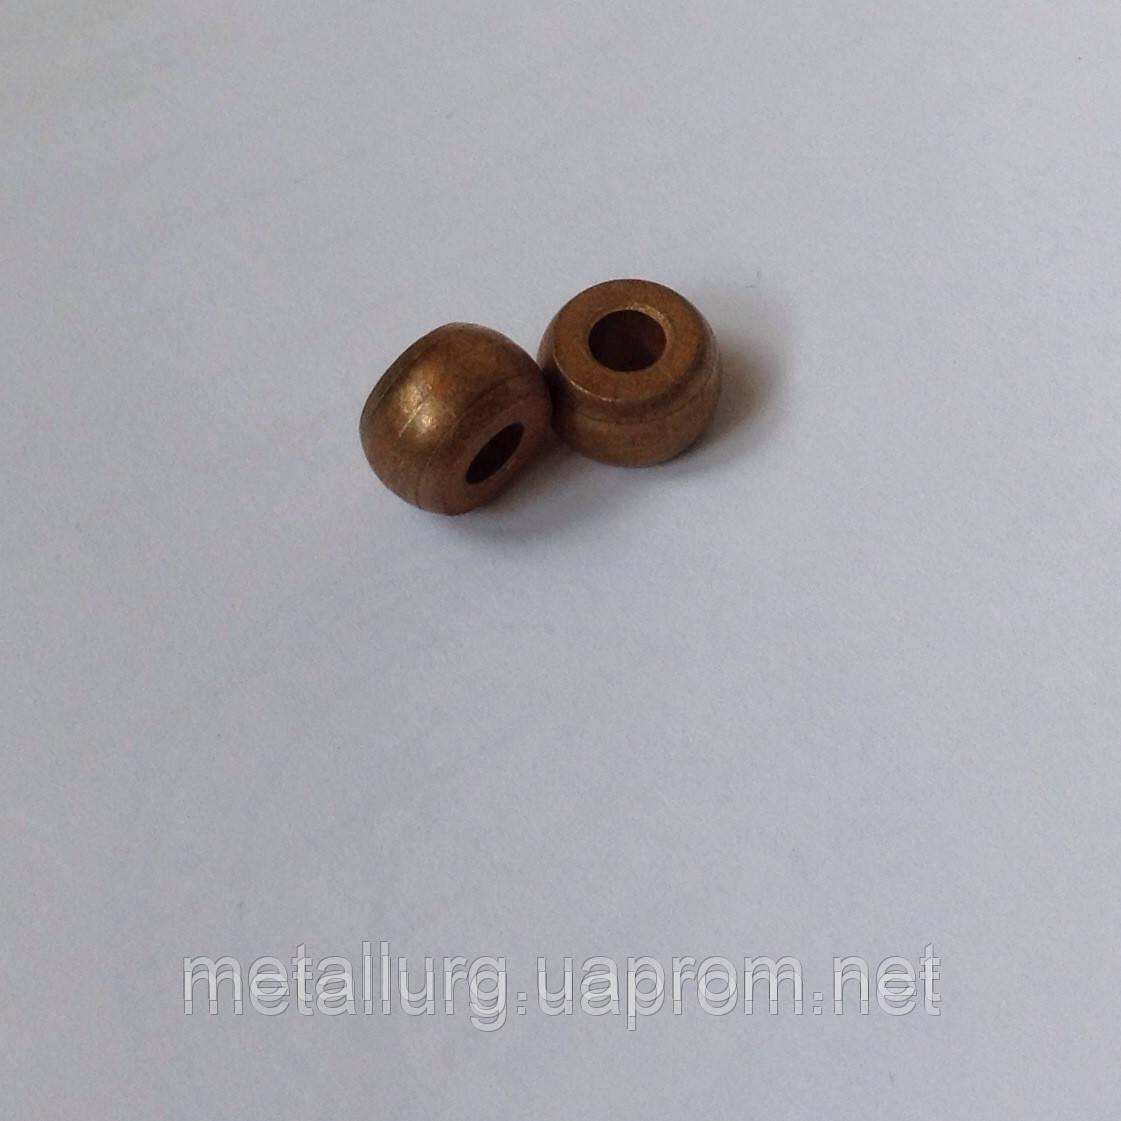 Втулка сферическая бронзографитовая 2,5х6х4